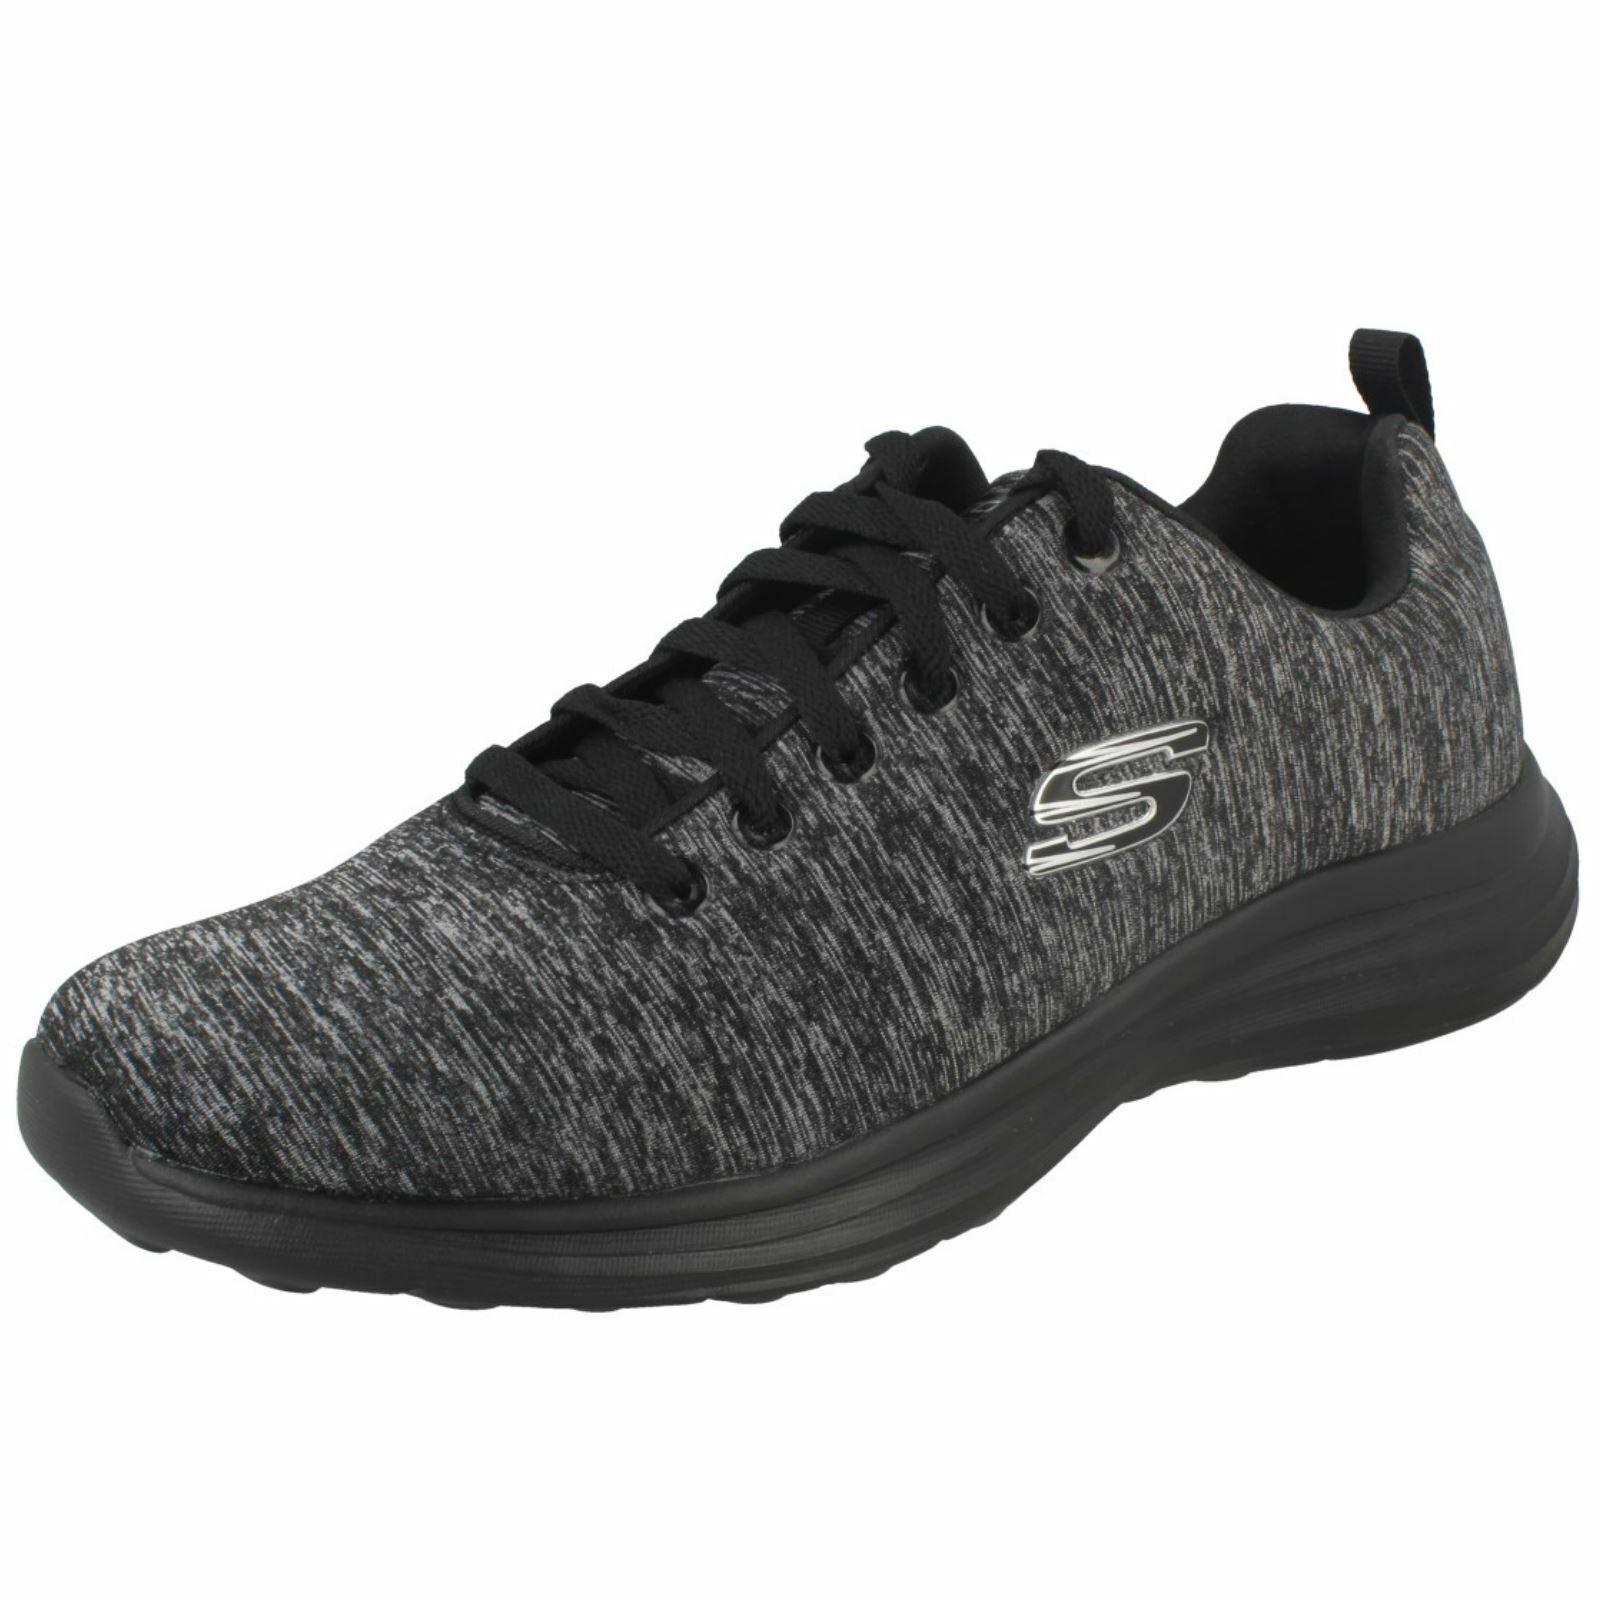 Para Hombre Skechers Informales Con Cordones Zapatillas Low Key Power Trippi